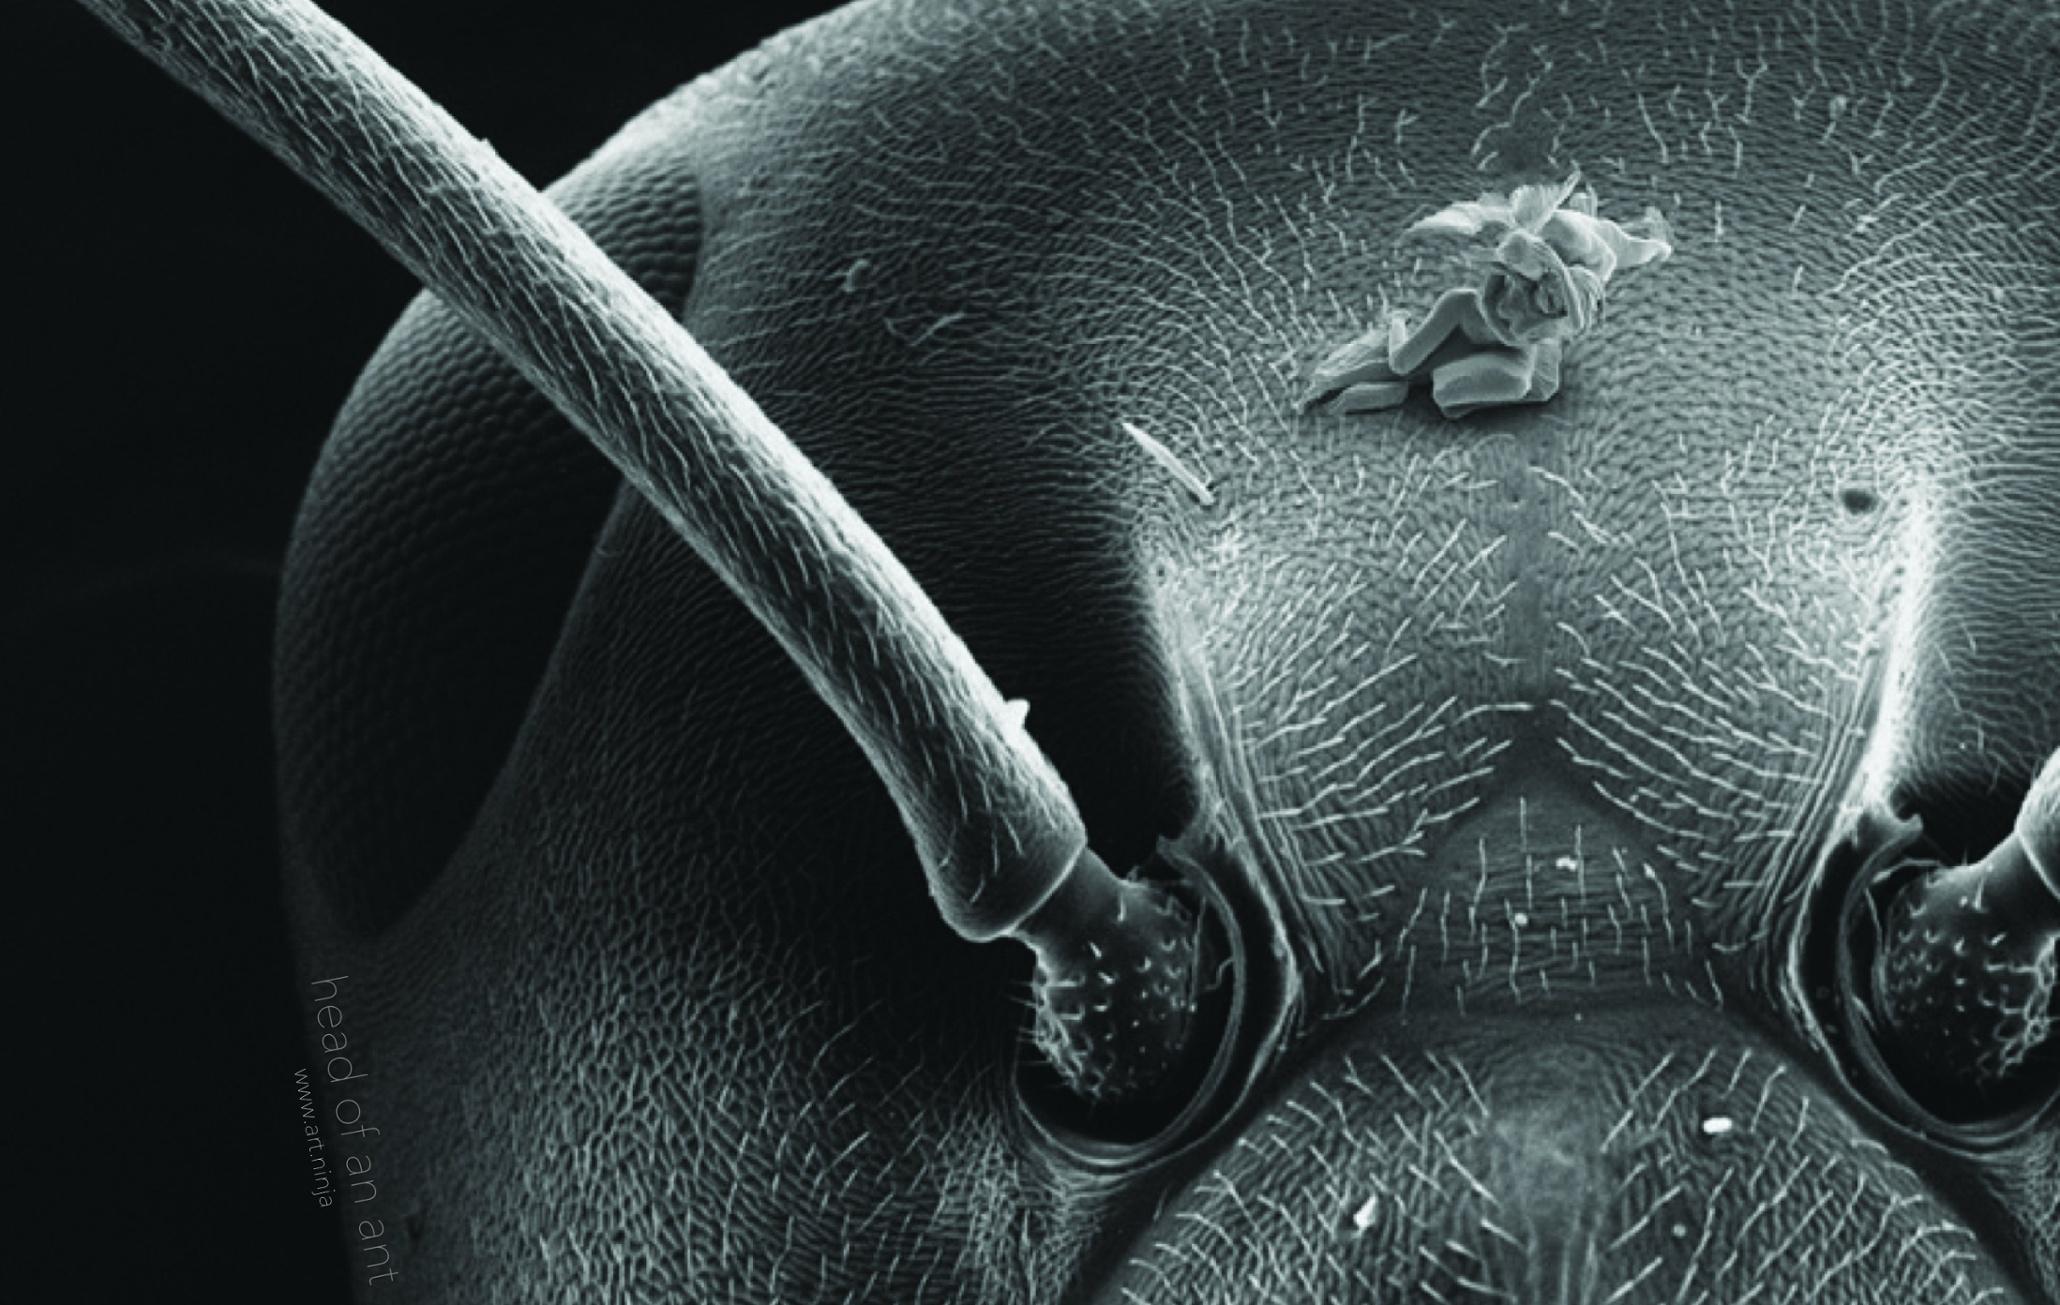 Сперма микроскопом фото 4 фотография